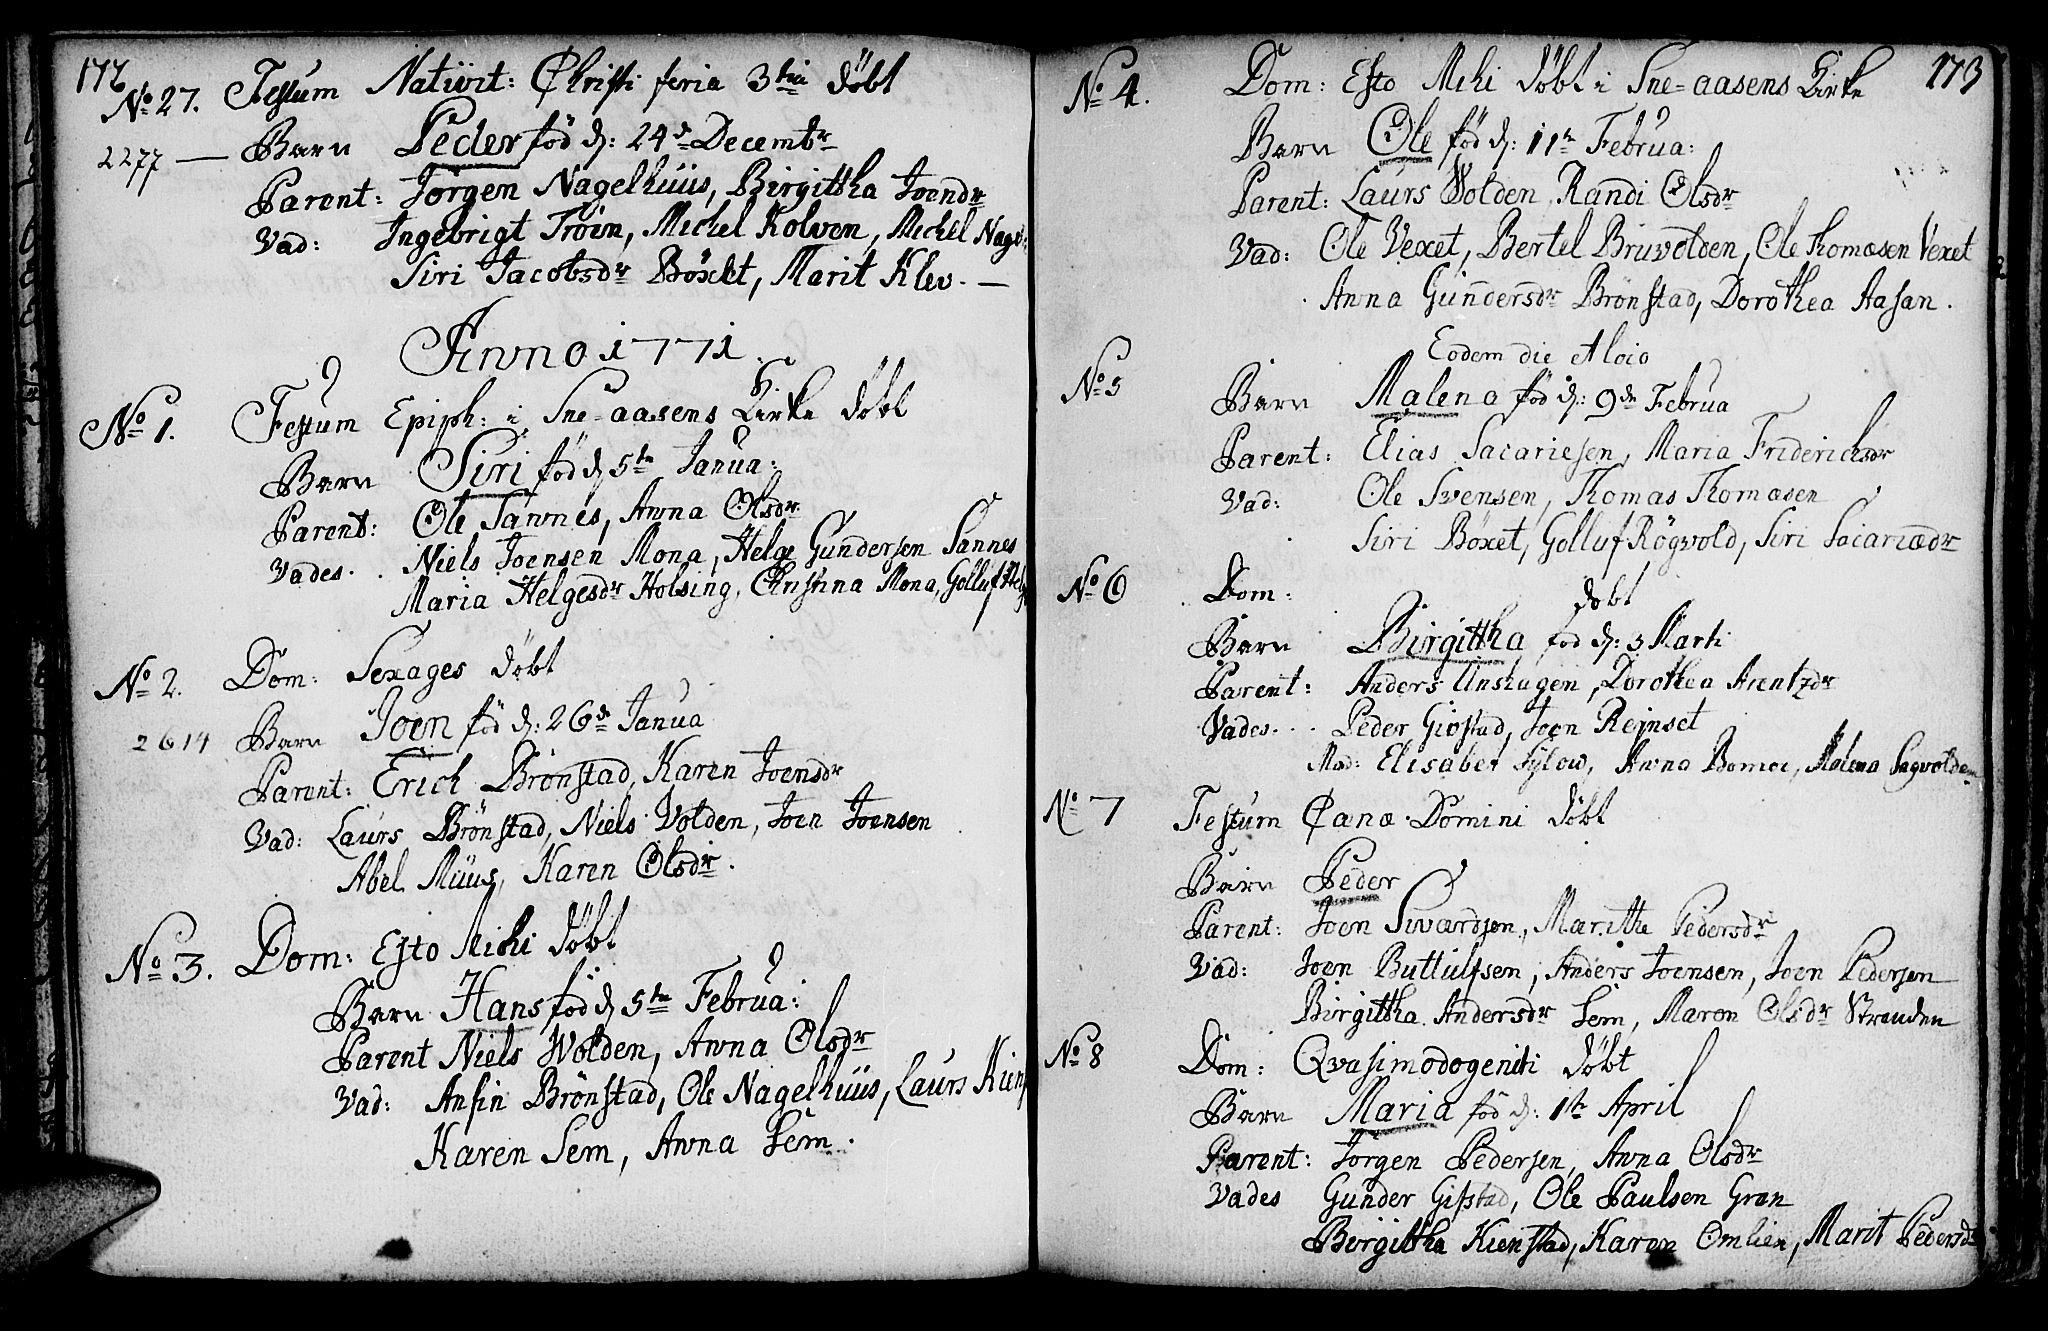 SAT, Ministerialprotokoller, klokkerbøker og fødselsregistre - Nord-Trøndelag, 749/L0467: Ministerialbok nr. 749A01, 1733-1787, s. 172-173